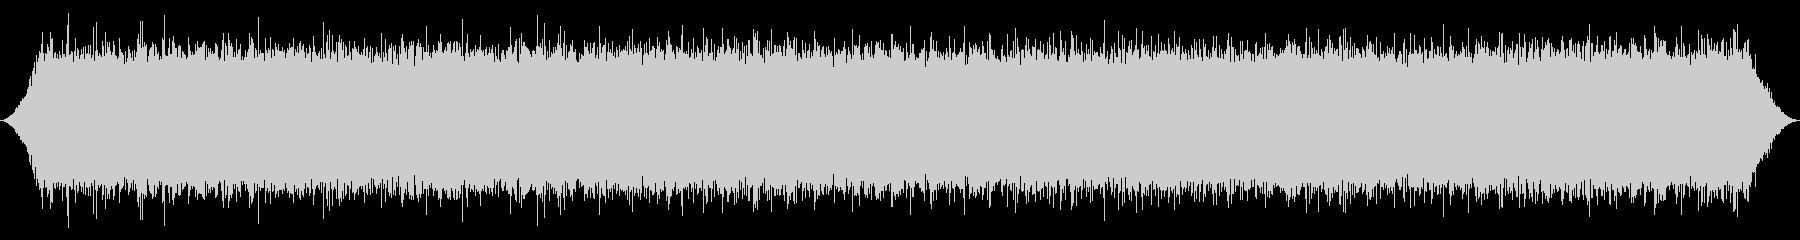 リバーラピッズ:パワフルで濃いスプ...の未再生の波形